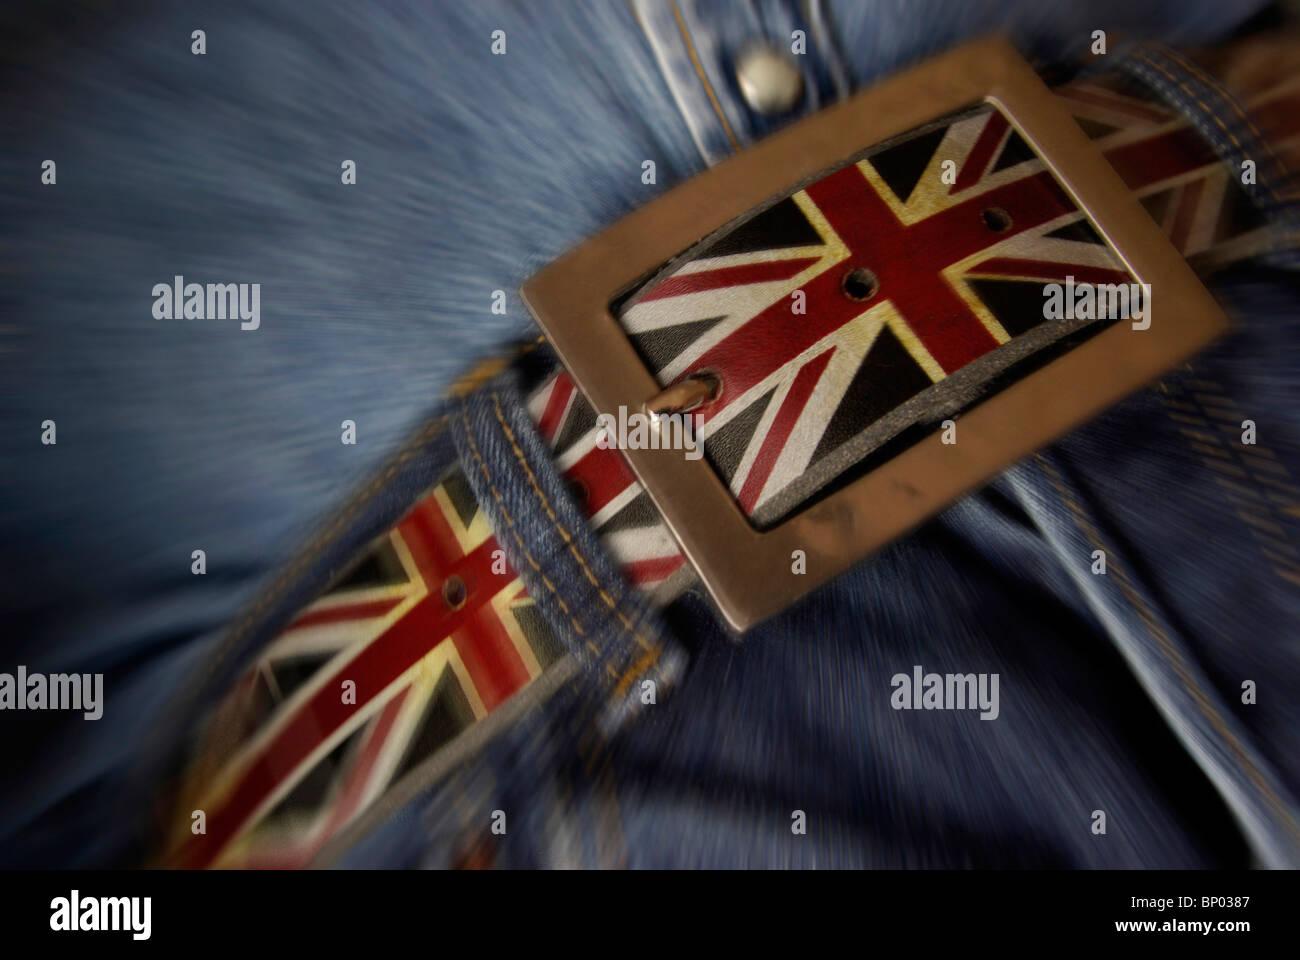 Serrer la ceinture, de serrer votre ceinture et comprennent le concept du pavillon britannique. (Réduire les Photo Stock